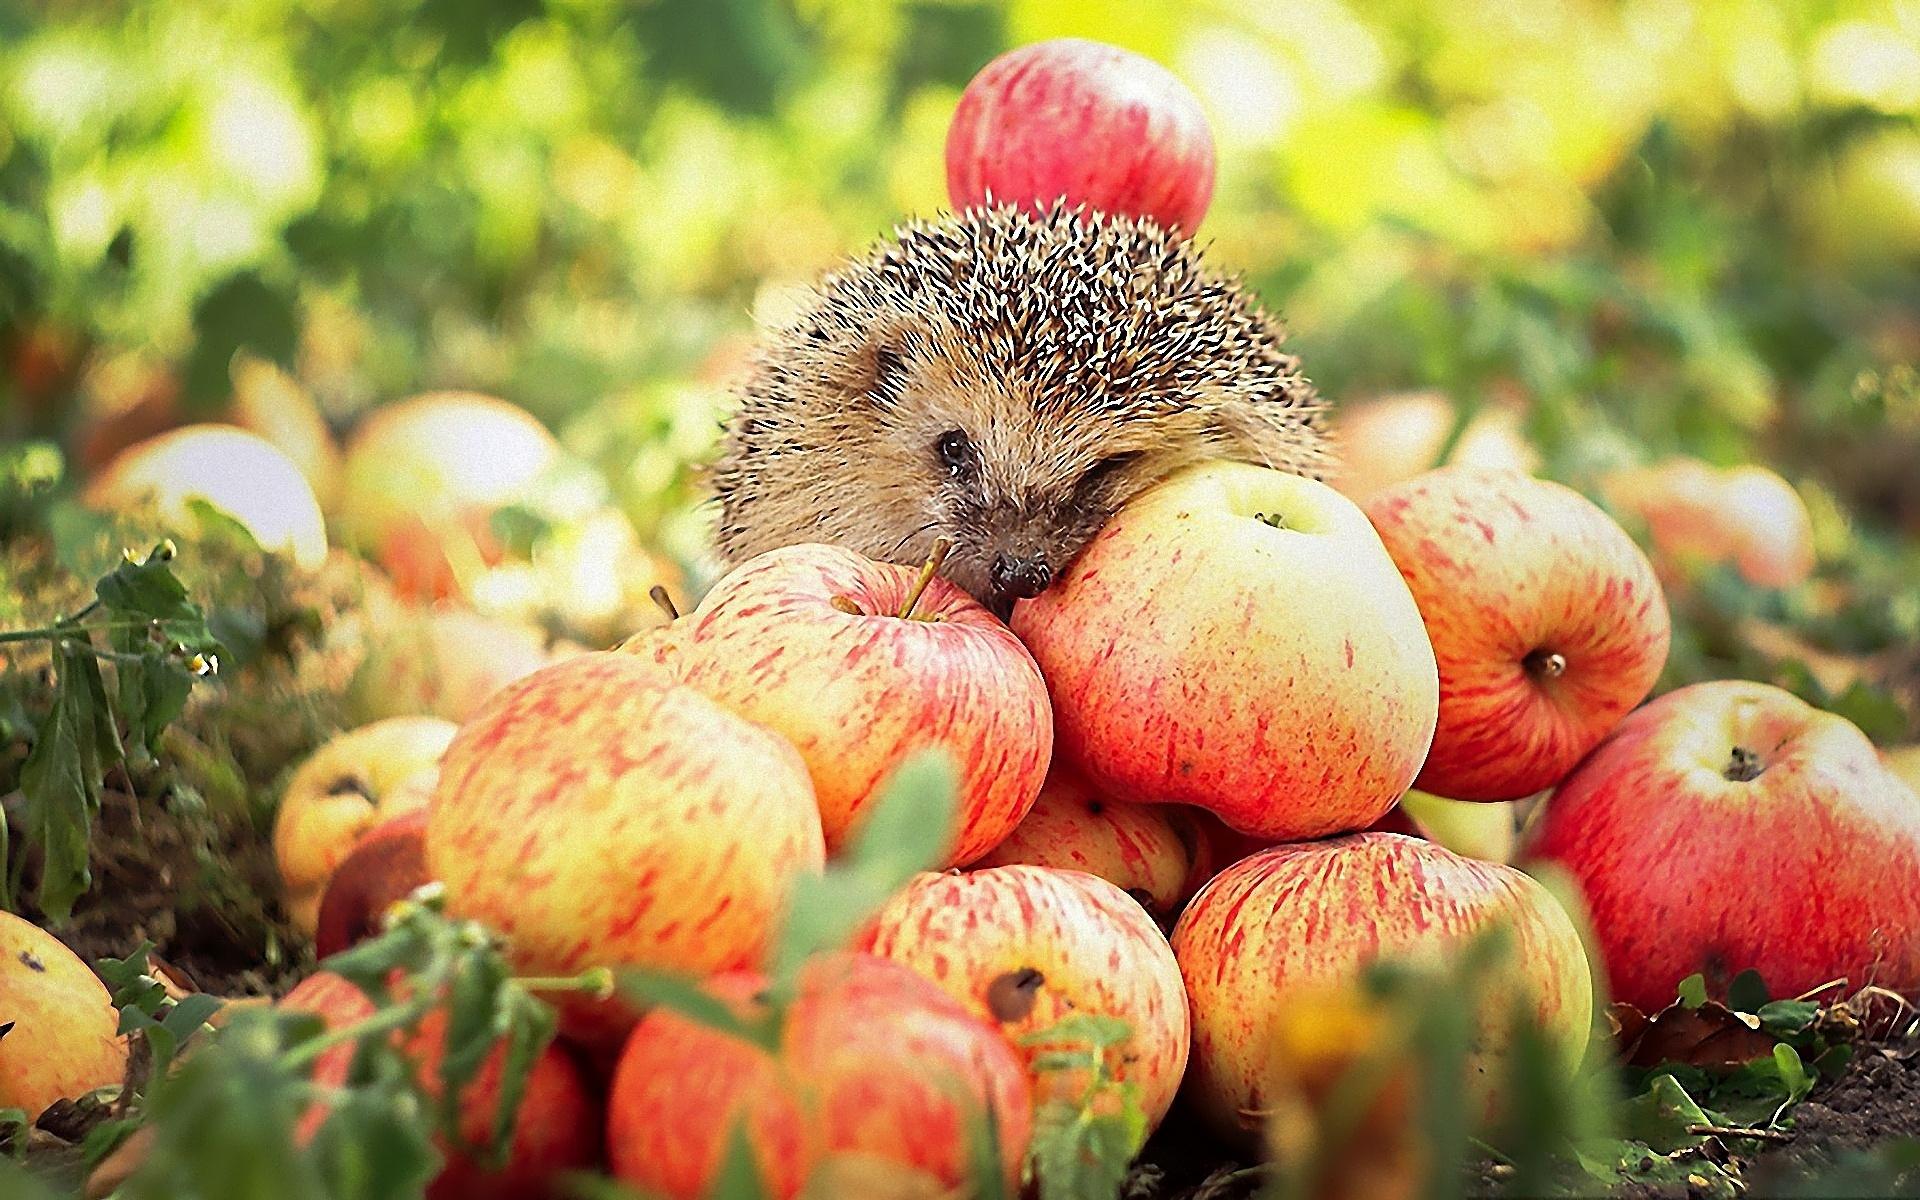 красивые осенние картинки с яблоками ему дембель